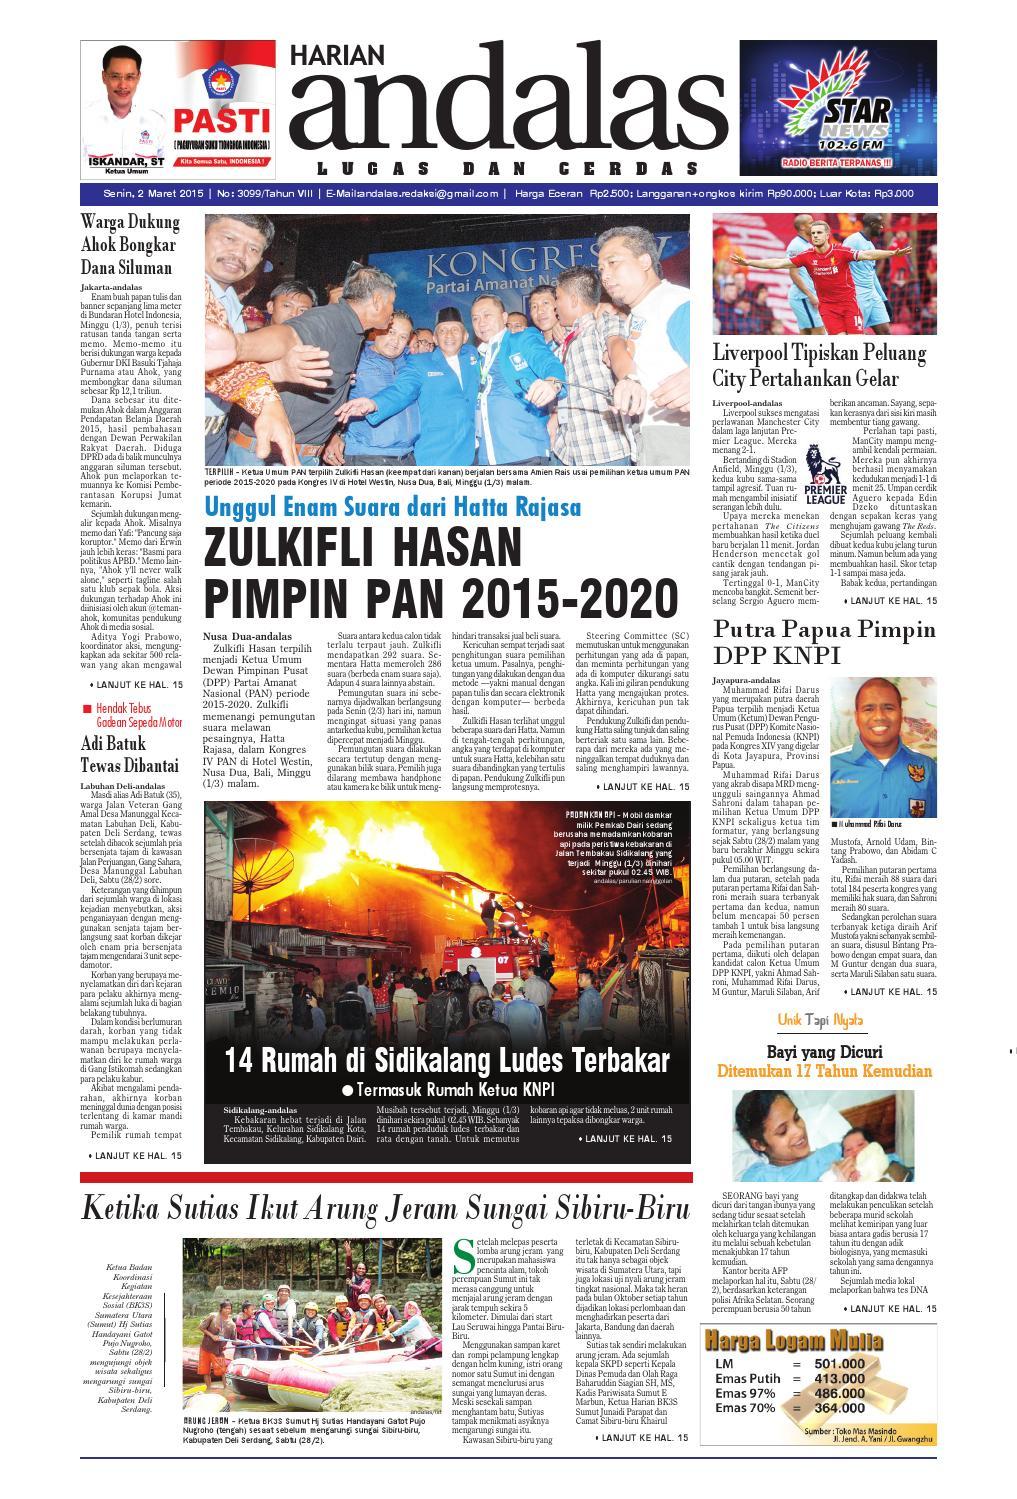 Epaper andalas edisi senin 2 maret 2015 by media andalas - issuu 72d4d33761